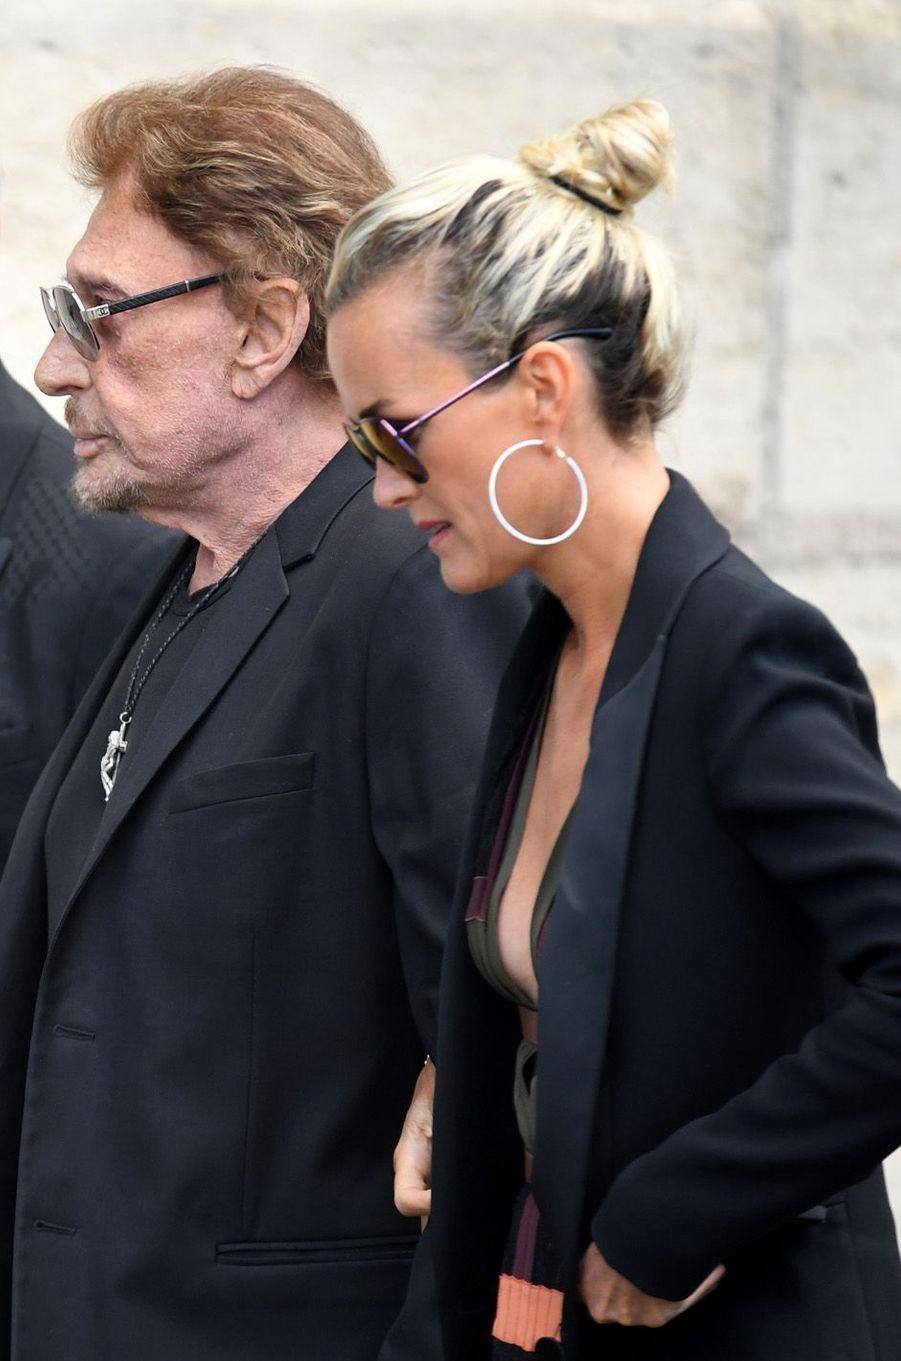 Johnny Hallyday et sa femme Laeticiaaux funérailles de Mireille Darc, le 1er septembre 2017.